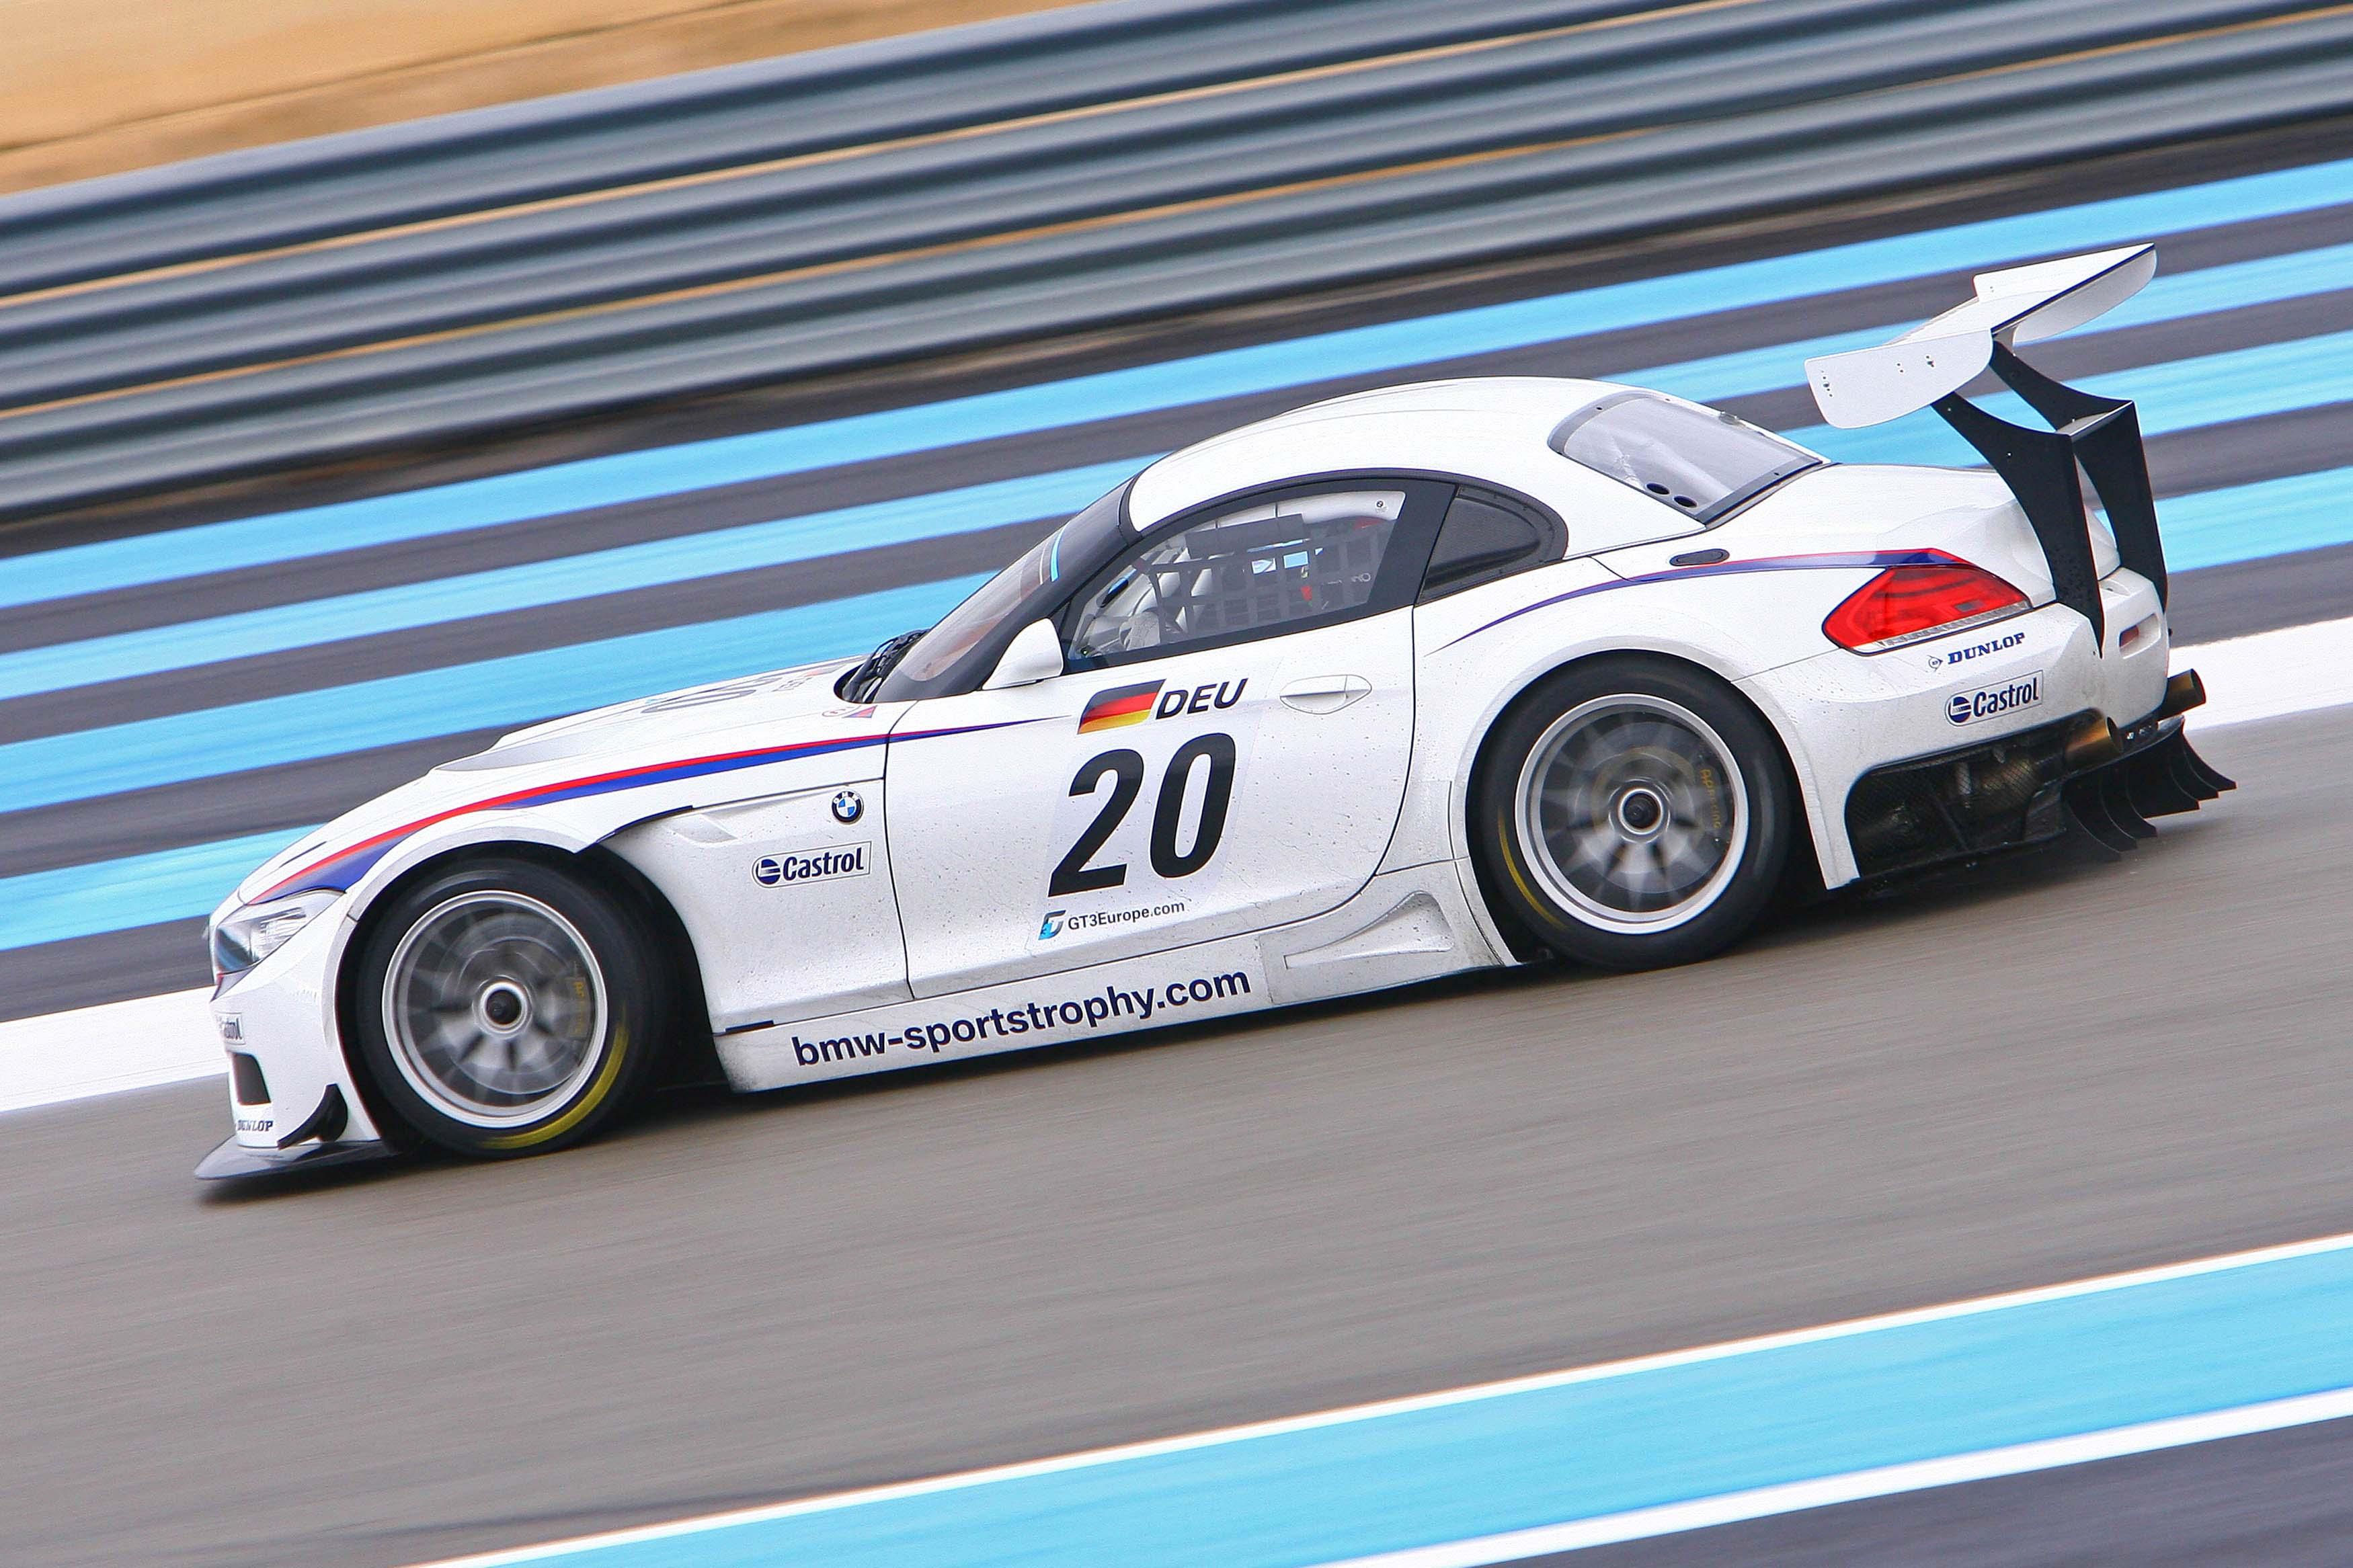 BMW Z4 GT3 side view